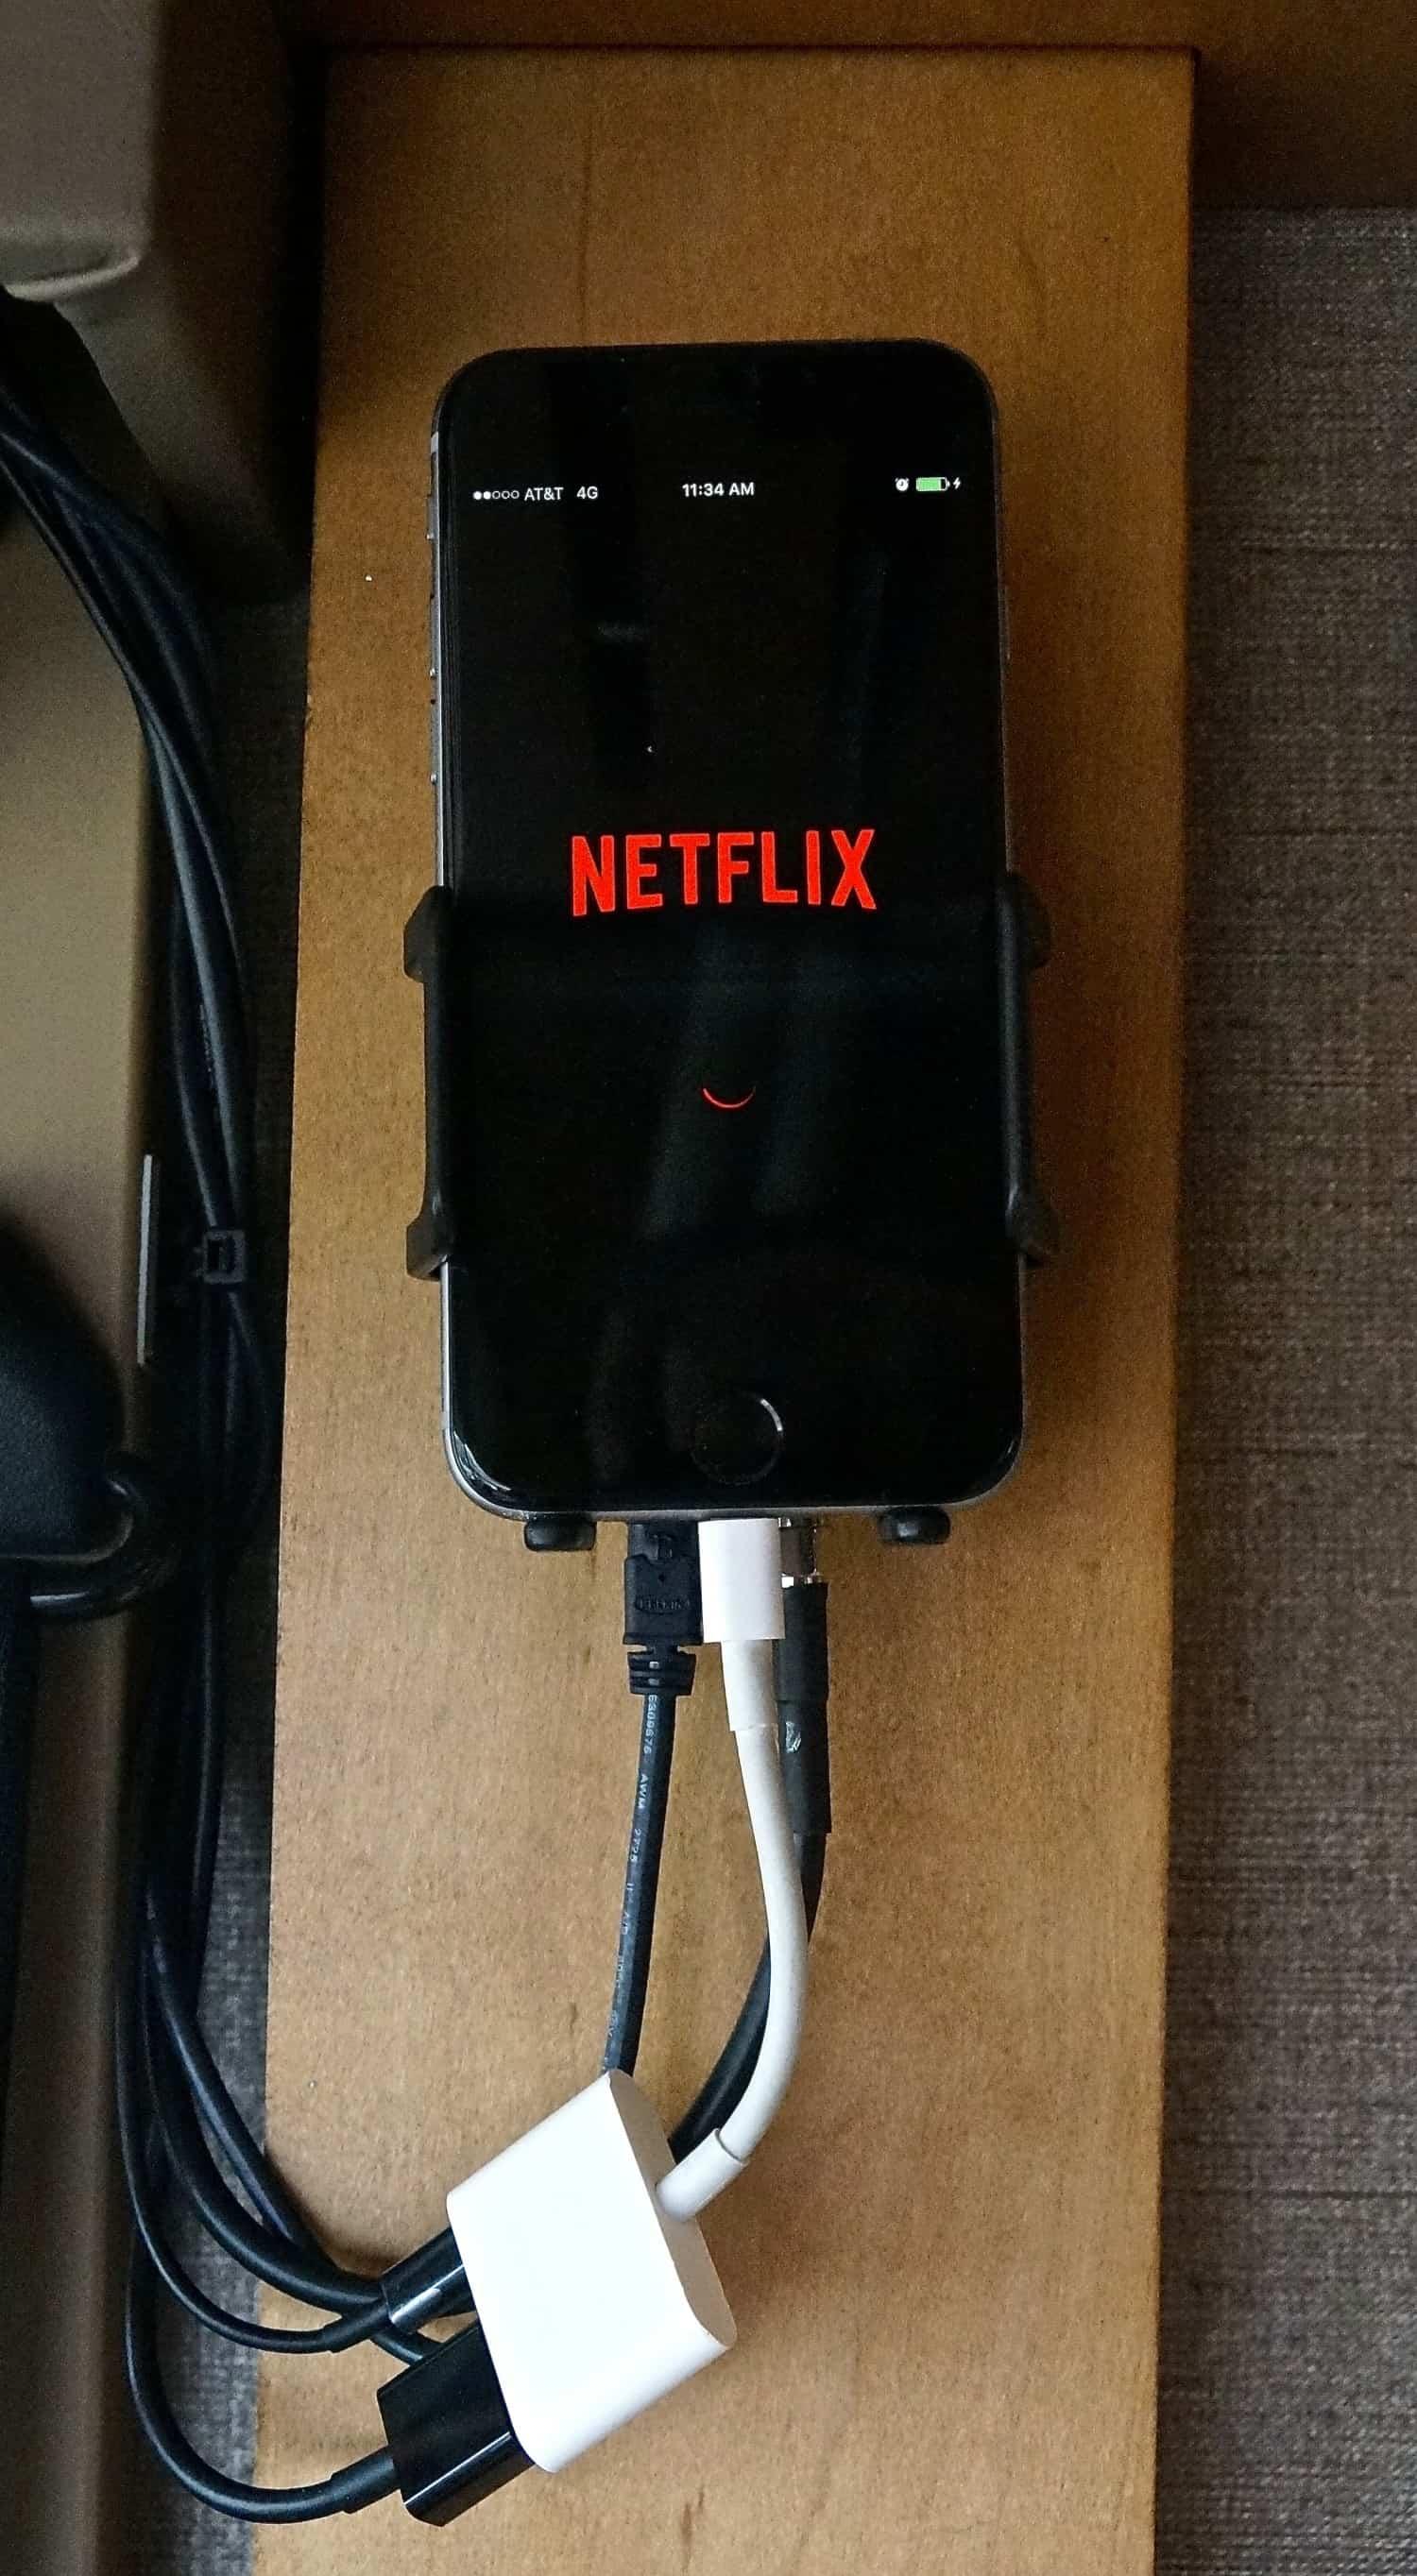 Wilson Sleek Cradle Booster in GoPetFriendly.com's Winnebago motorhome